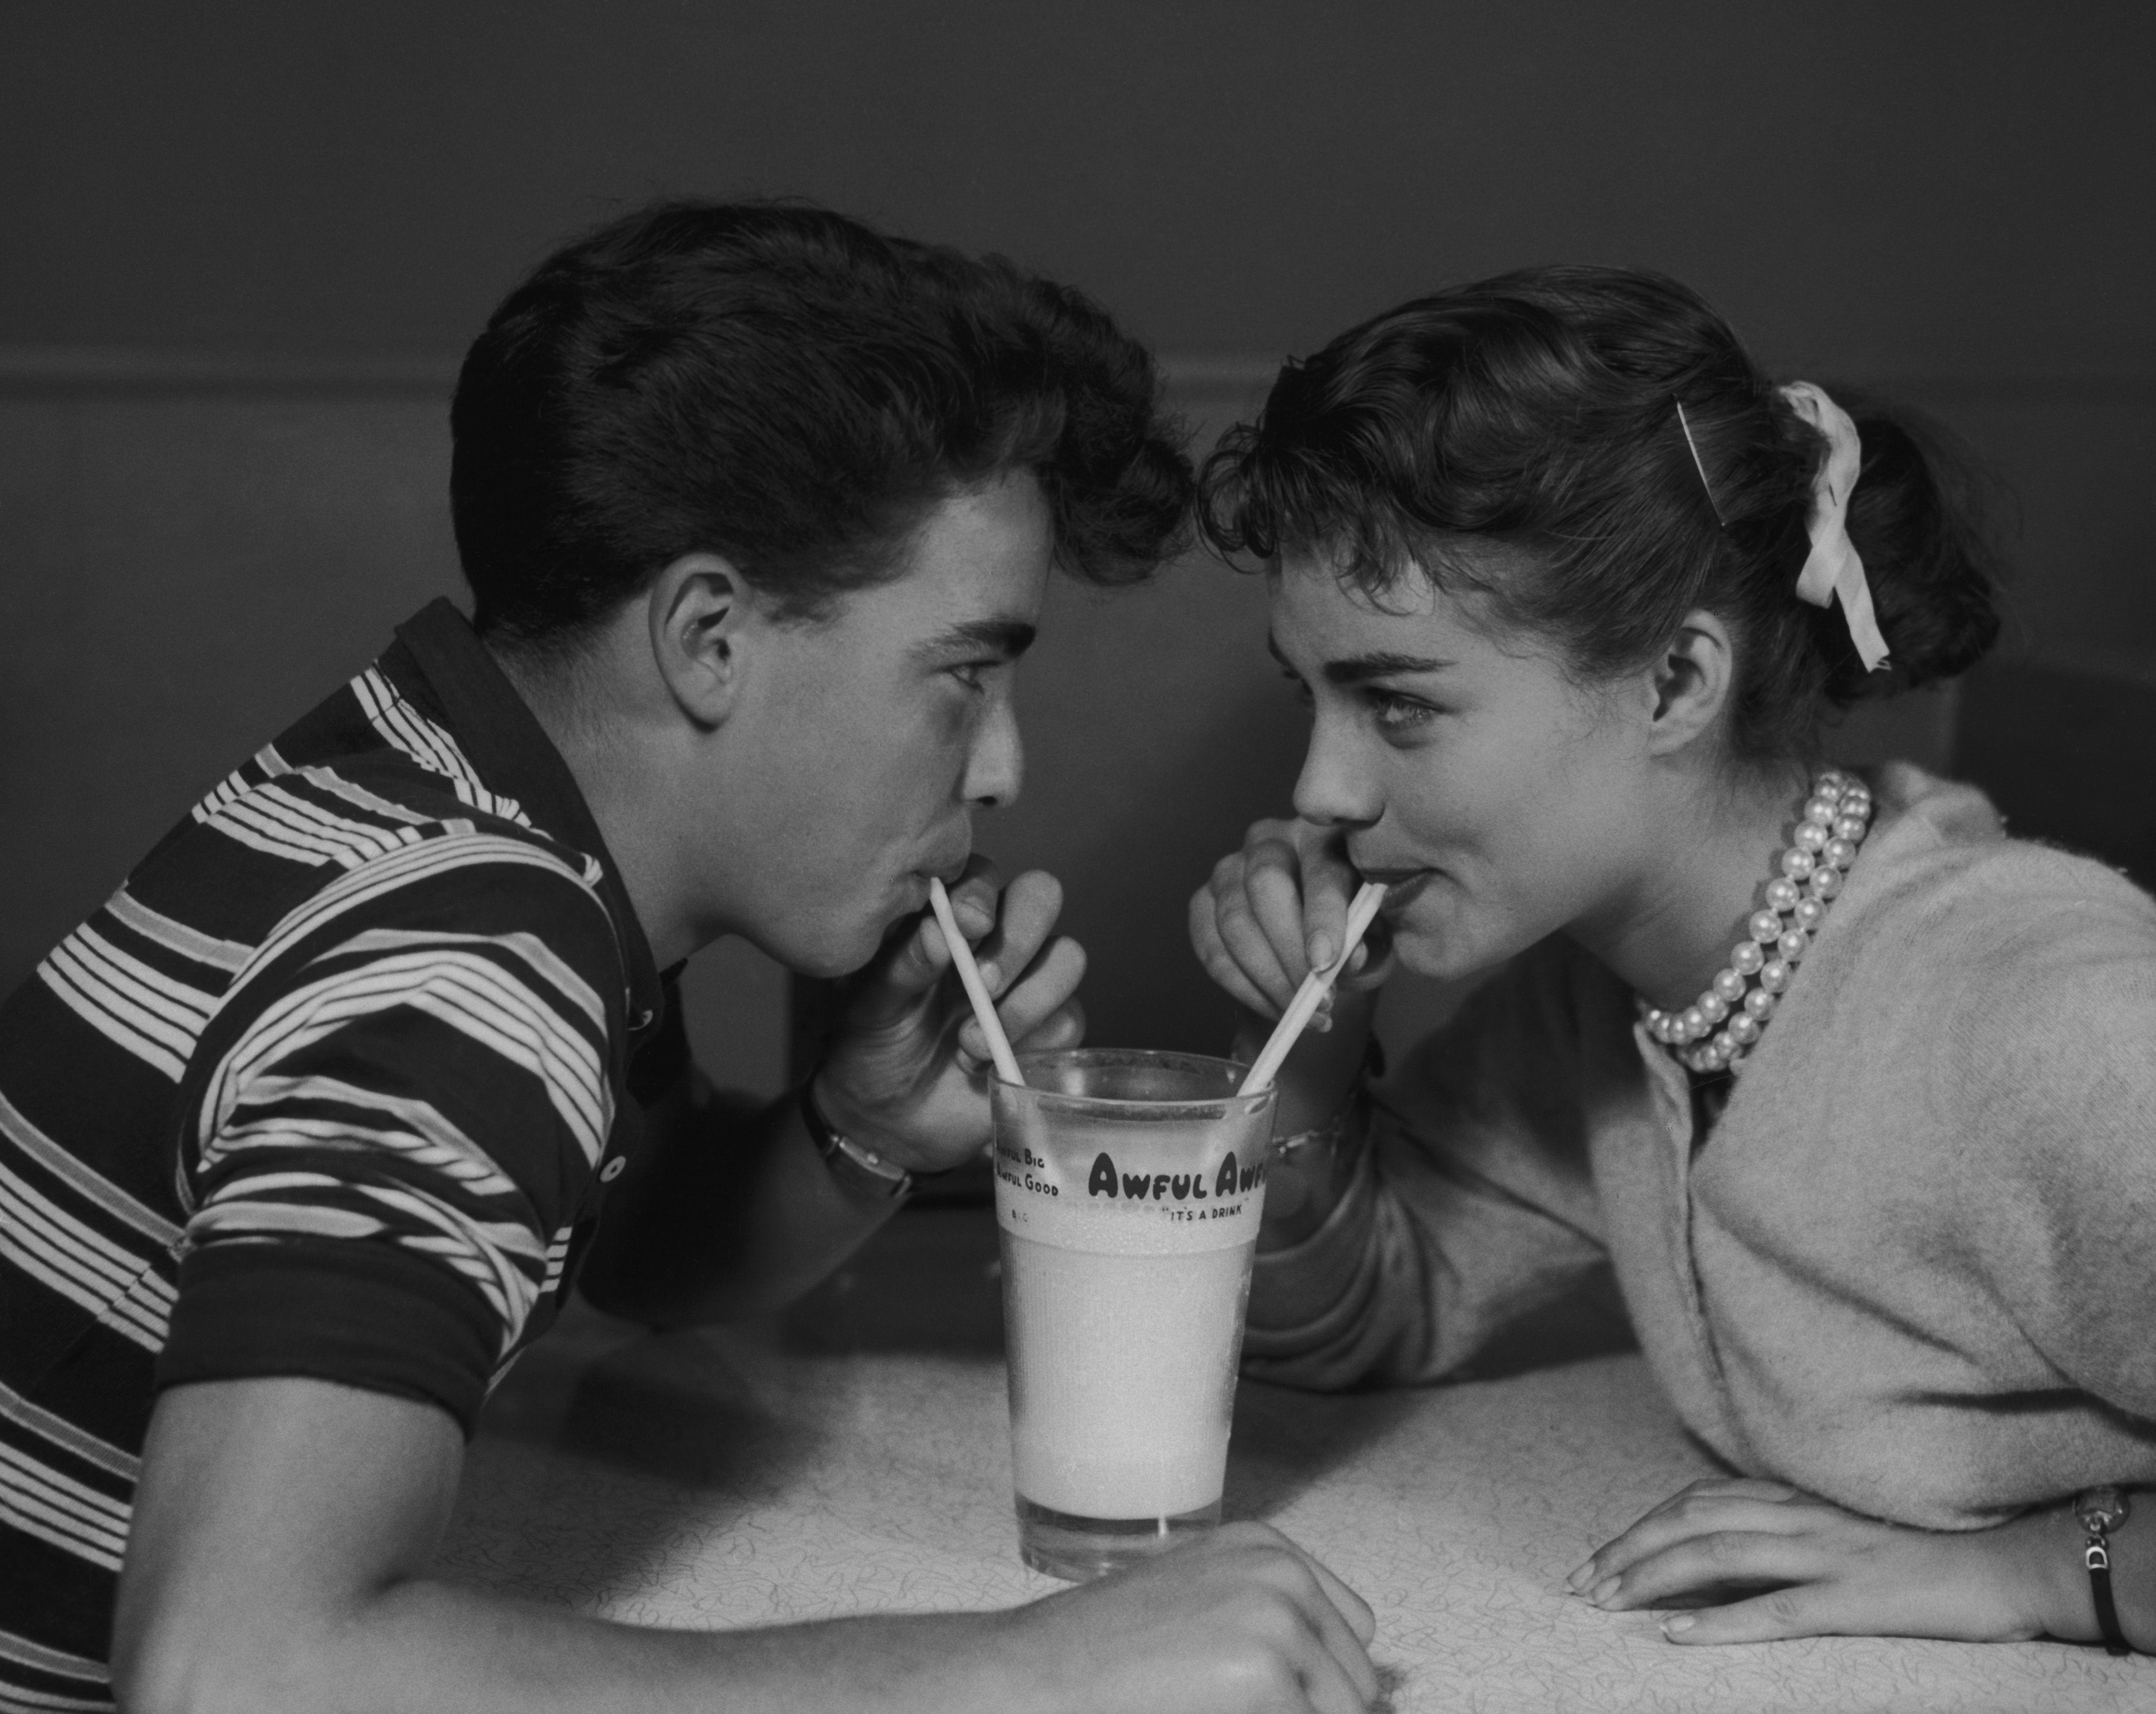 pintst regels voor dating mijn zoon Waterman man en kanker vrouw dating